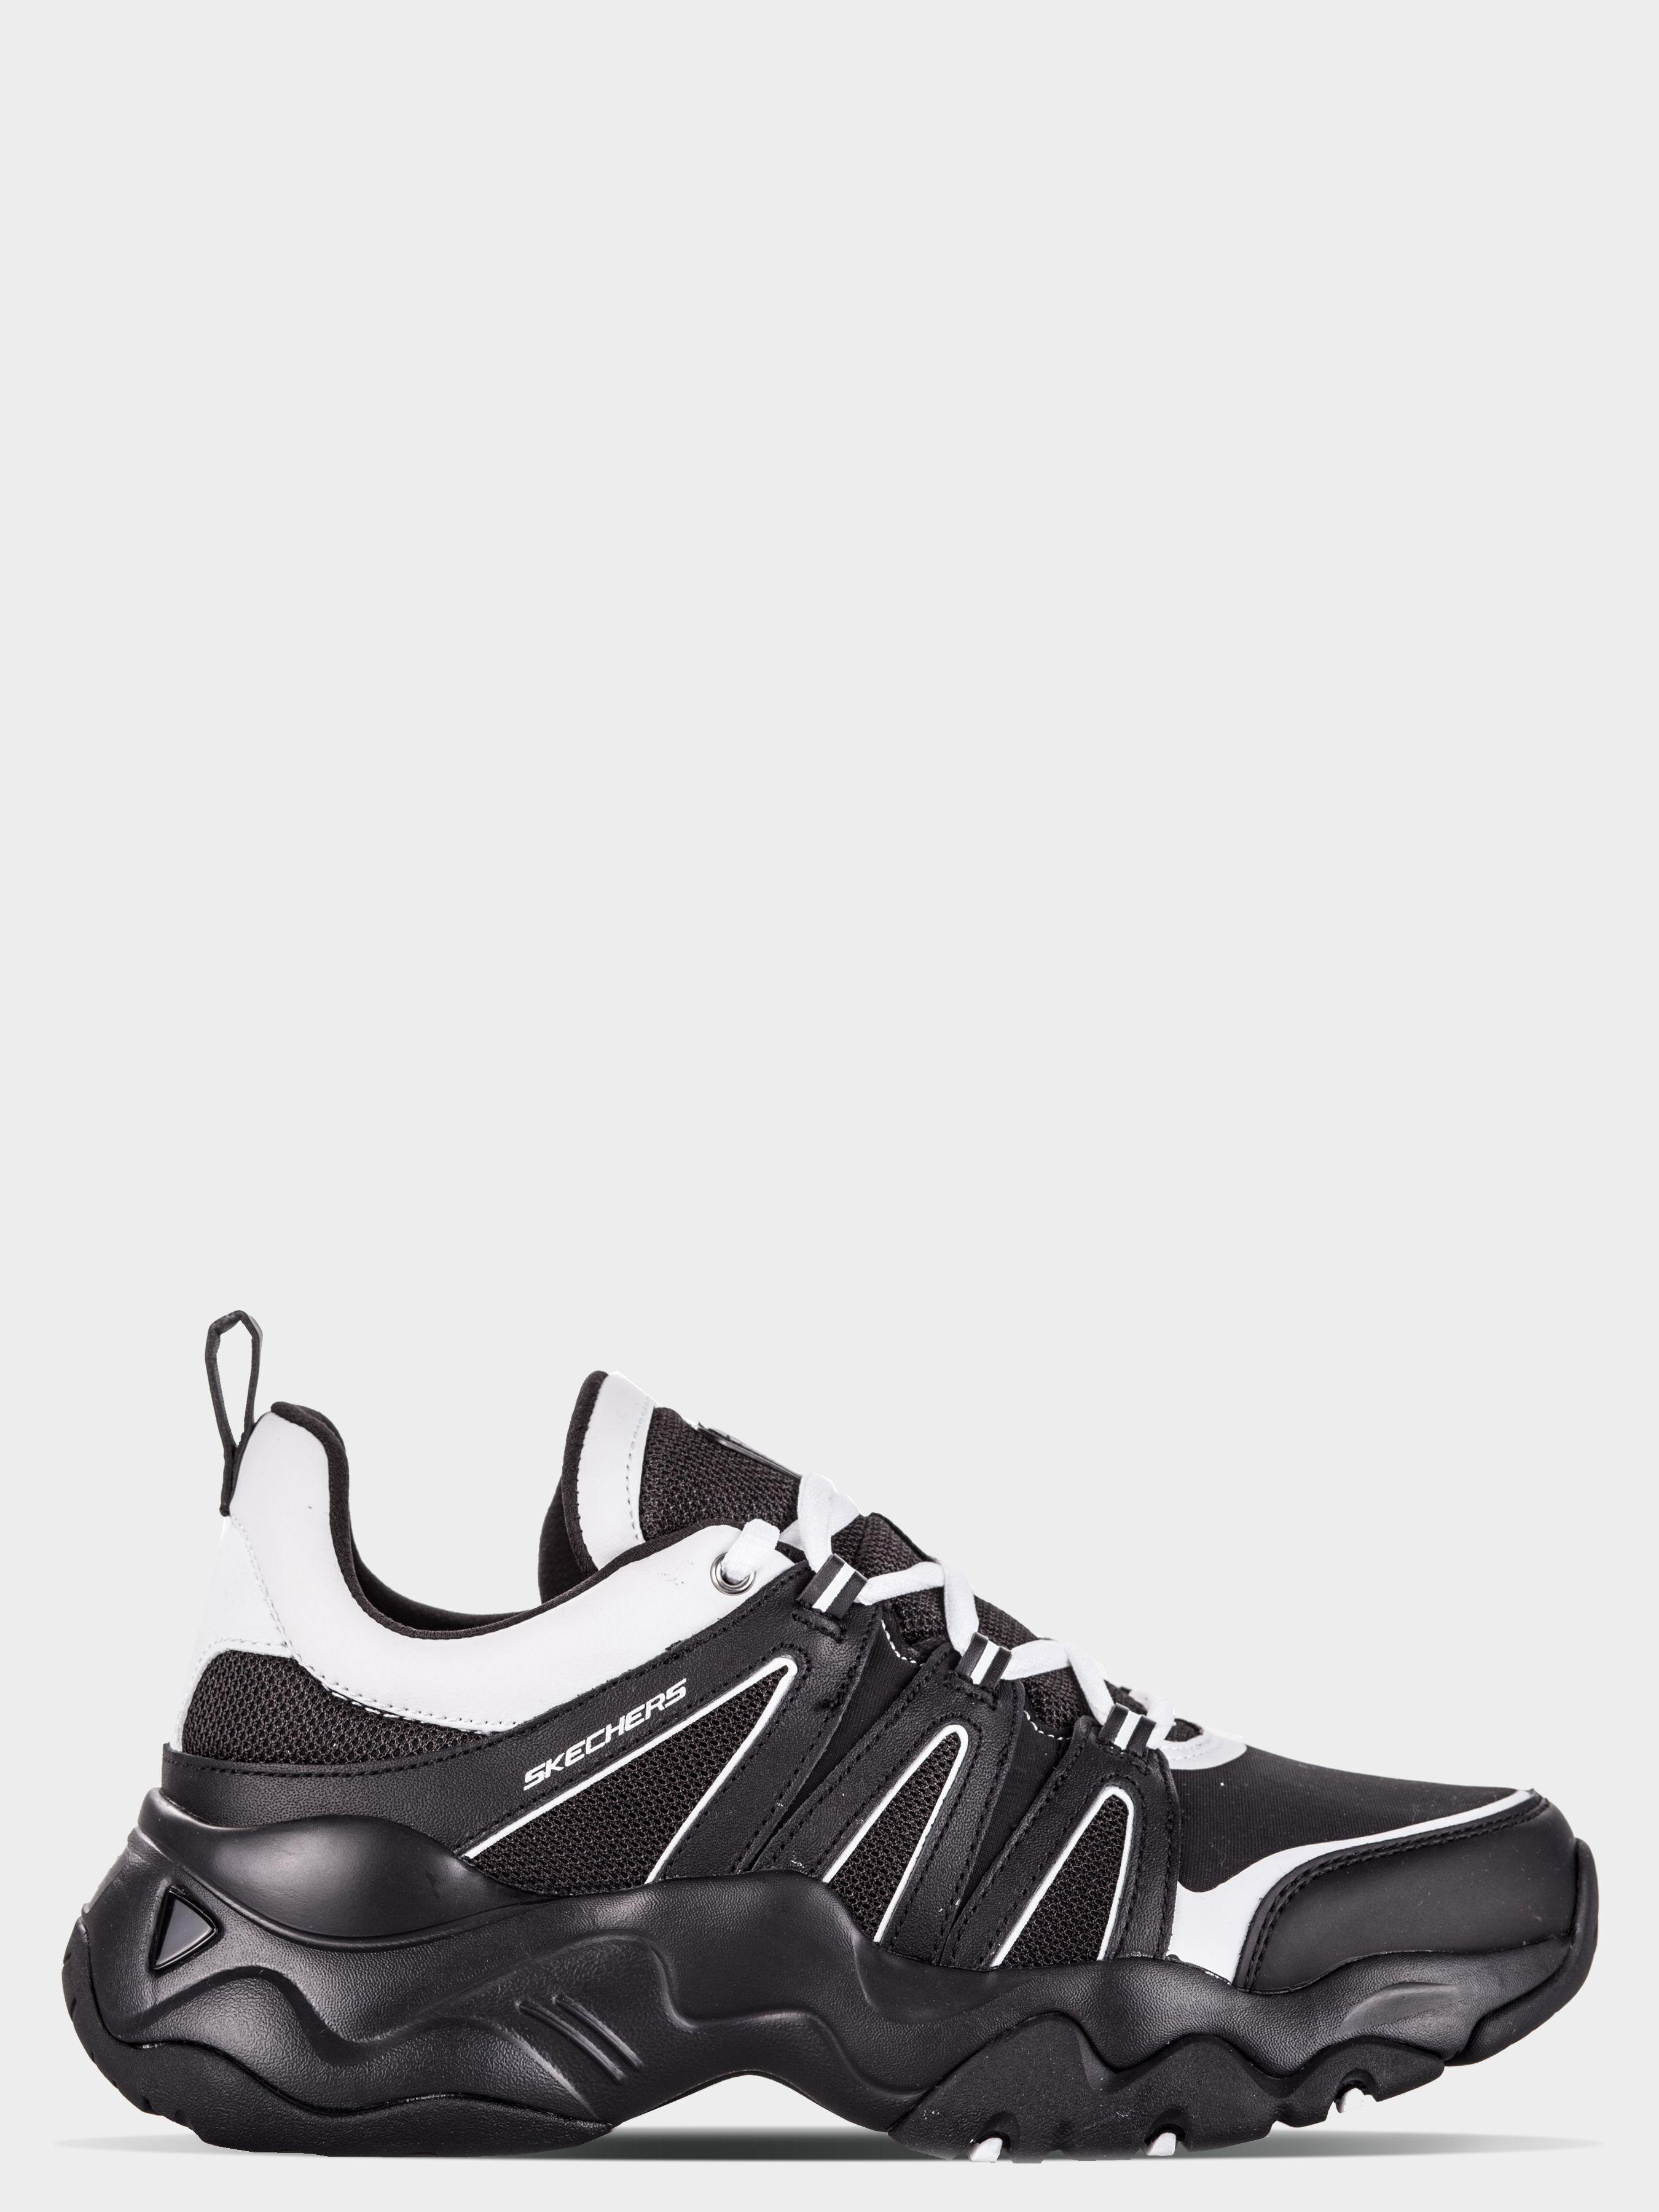 Кроссовки женские Skechers D'Lites KW4926 брендовая обувь, 2017